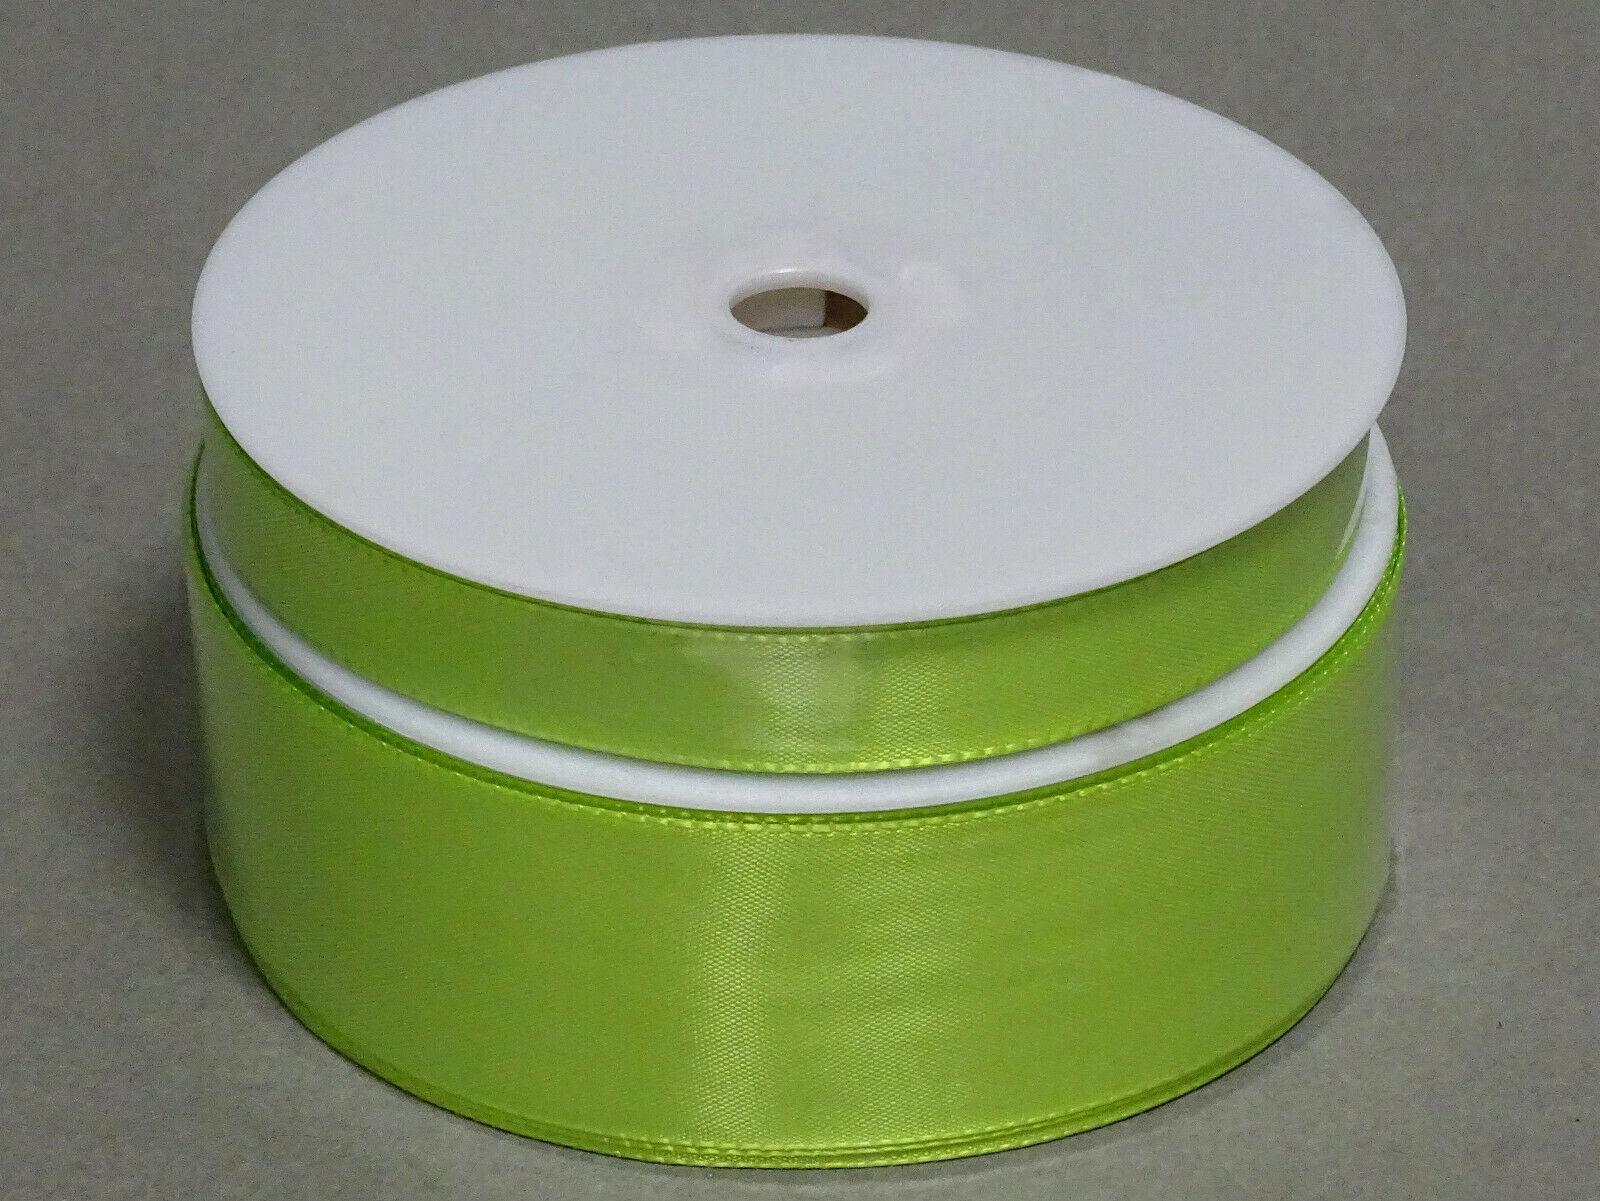 Seidenband Schleifenband 50 m x 15 / 25 / 40mm Dekoband ab 0,08€/m Geschenkband  - Maigrün 211, 15 mm x 50 m